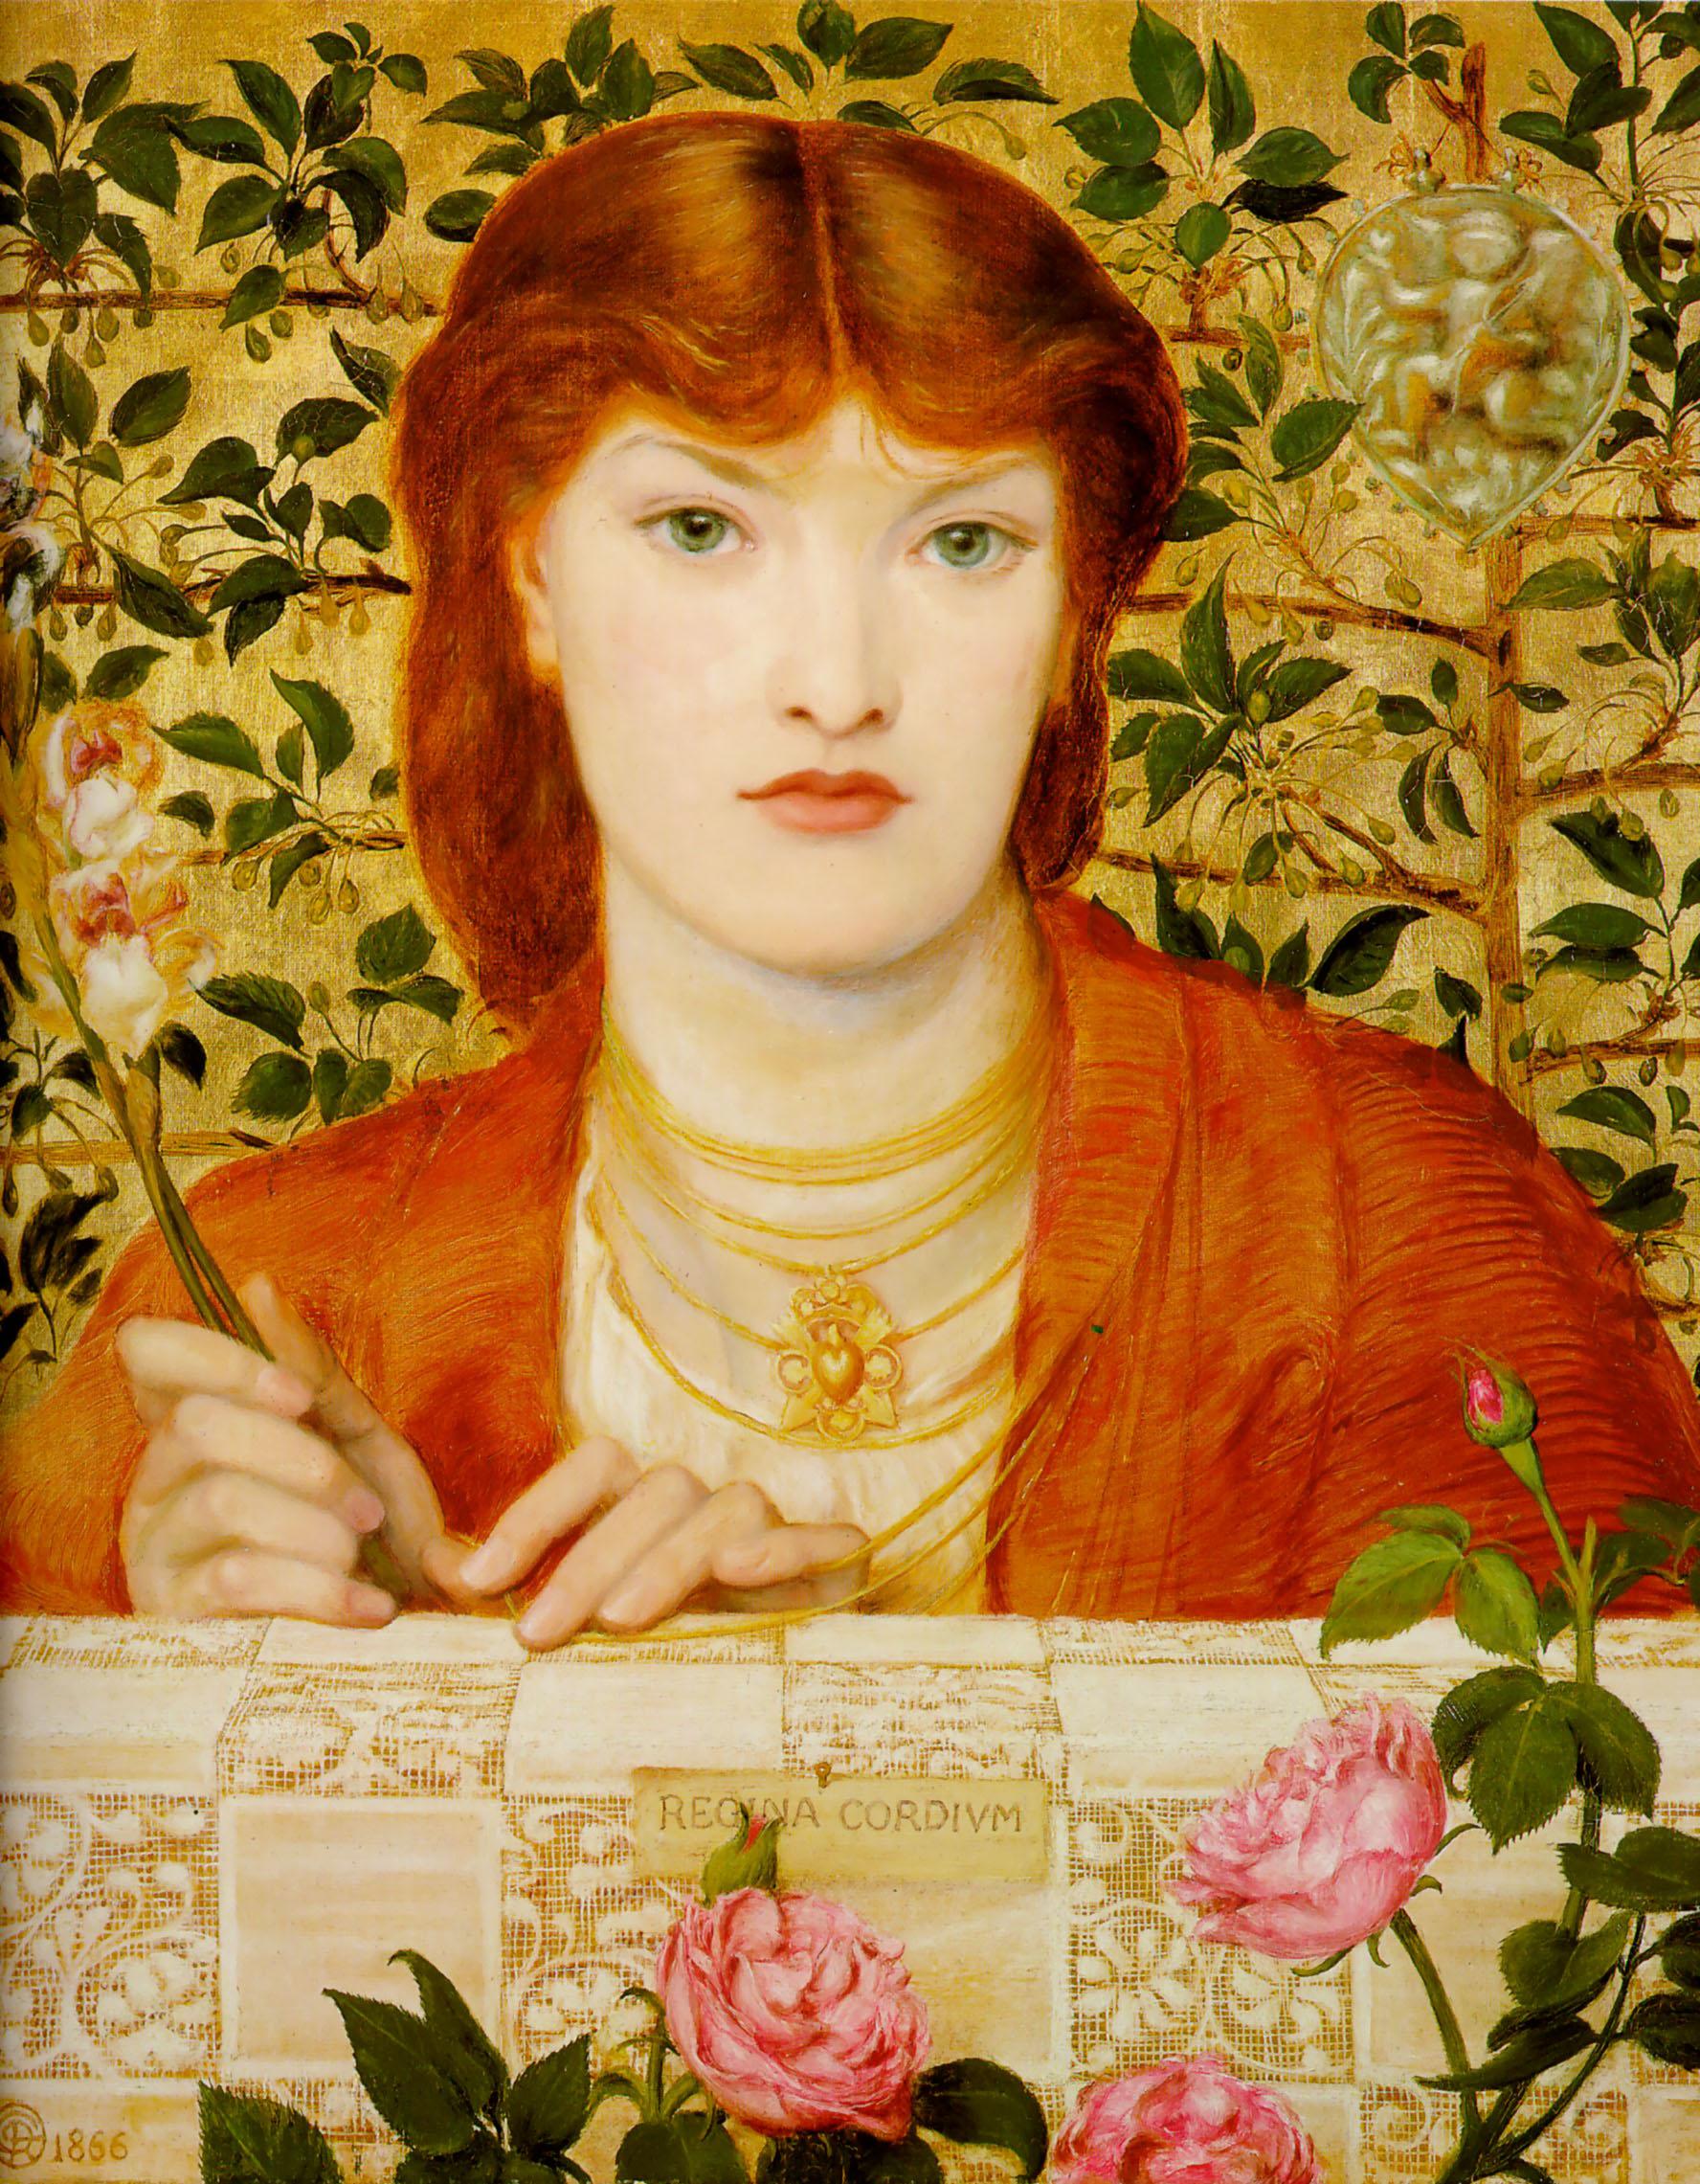 Regina Cordium: Alice Wilding, 1866